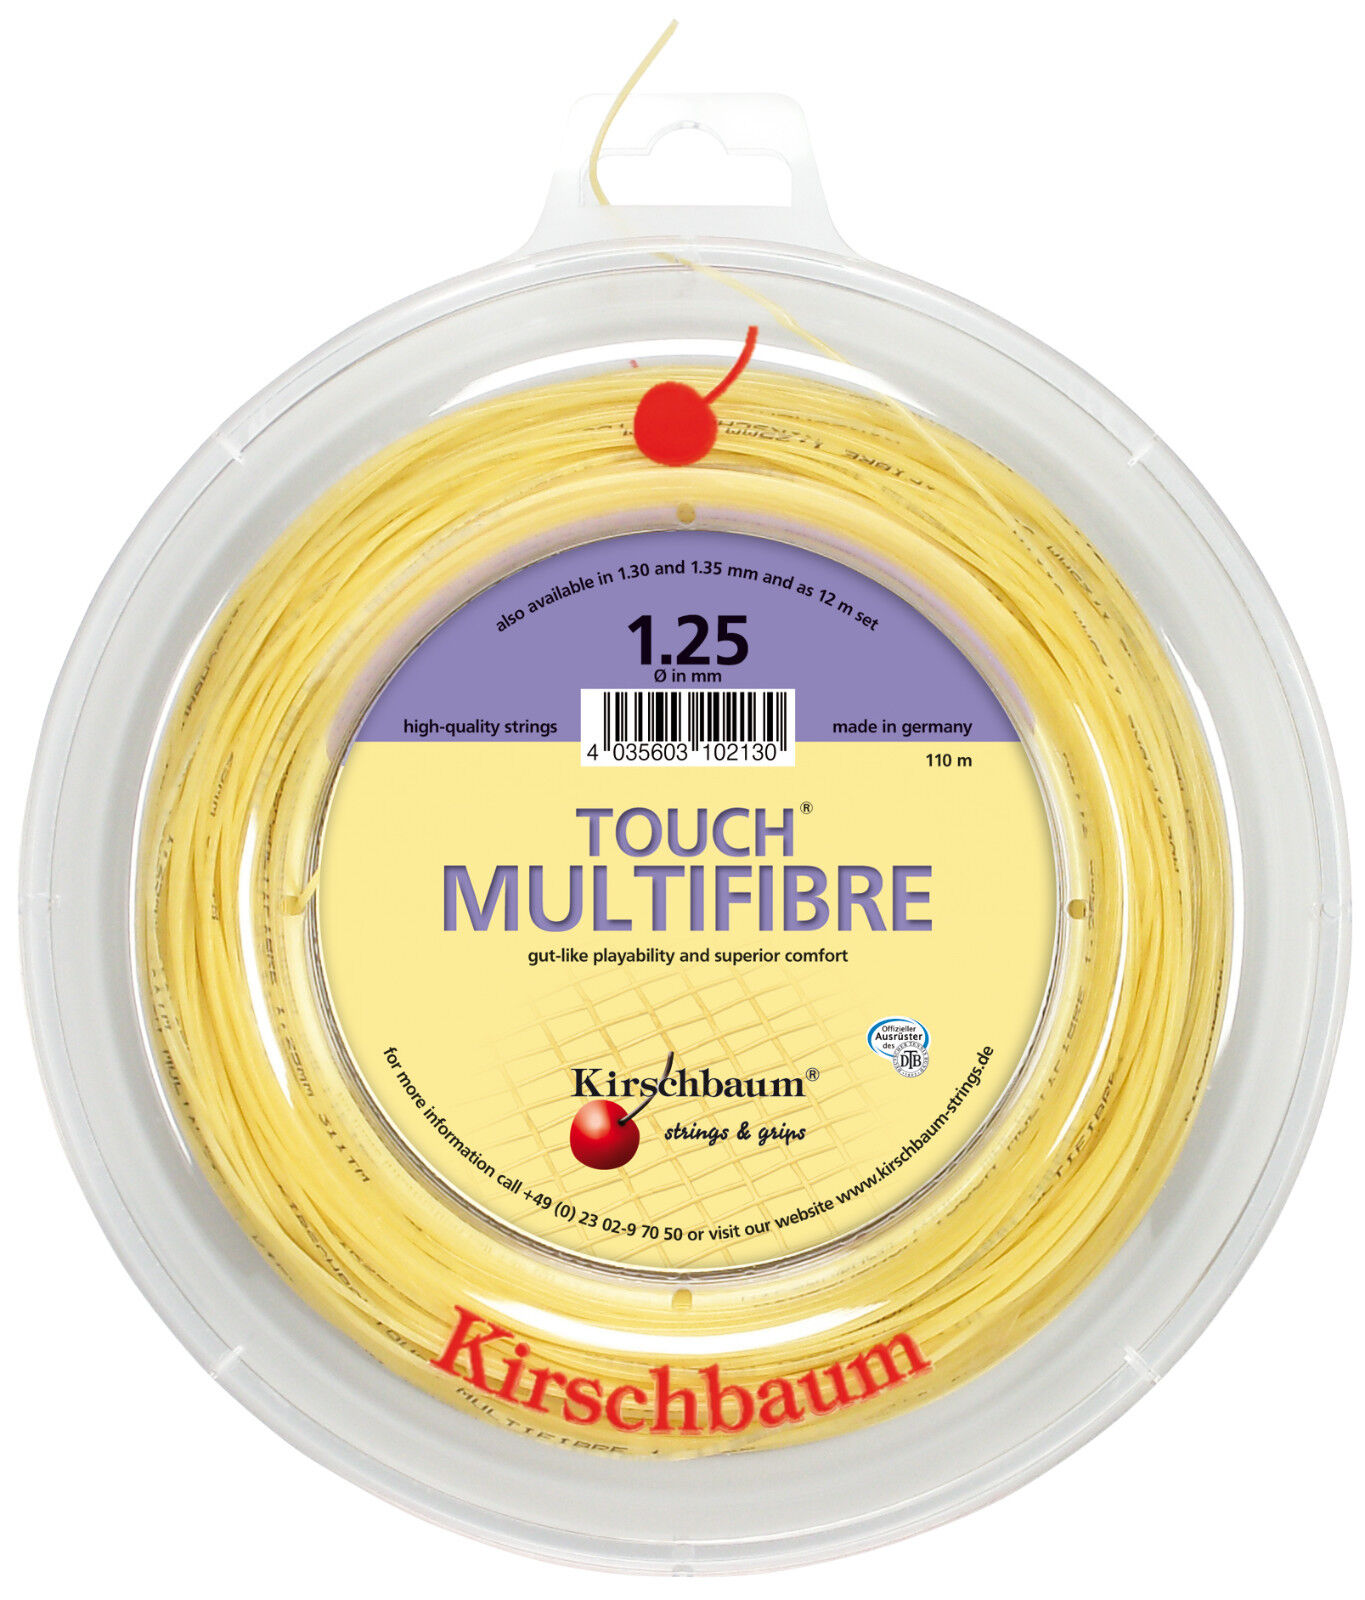 Kirschbaum Touch Multifibre Multifibre Multifibre 110 m Tennissaiten 4a7f14